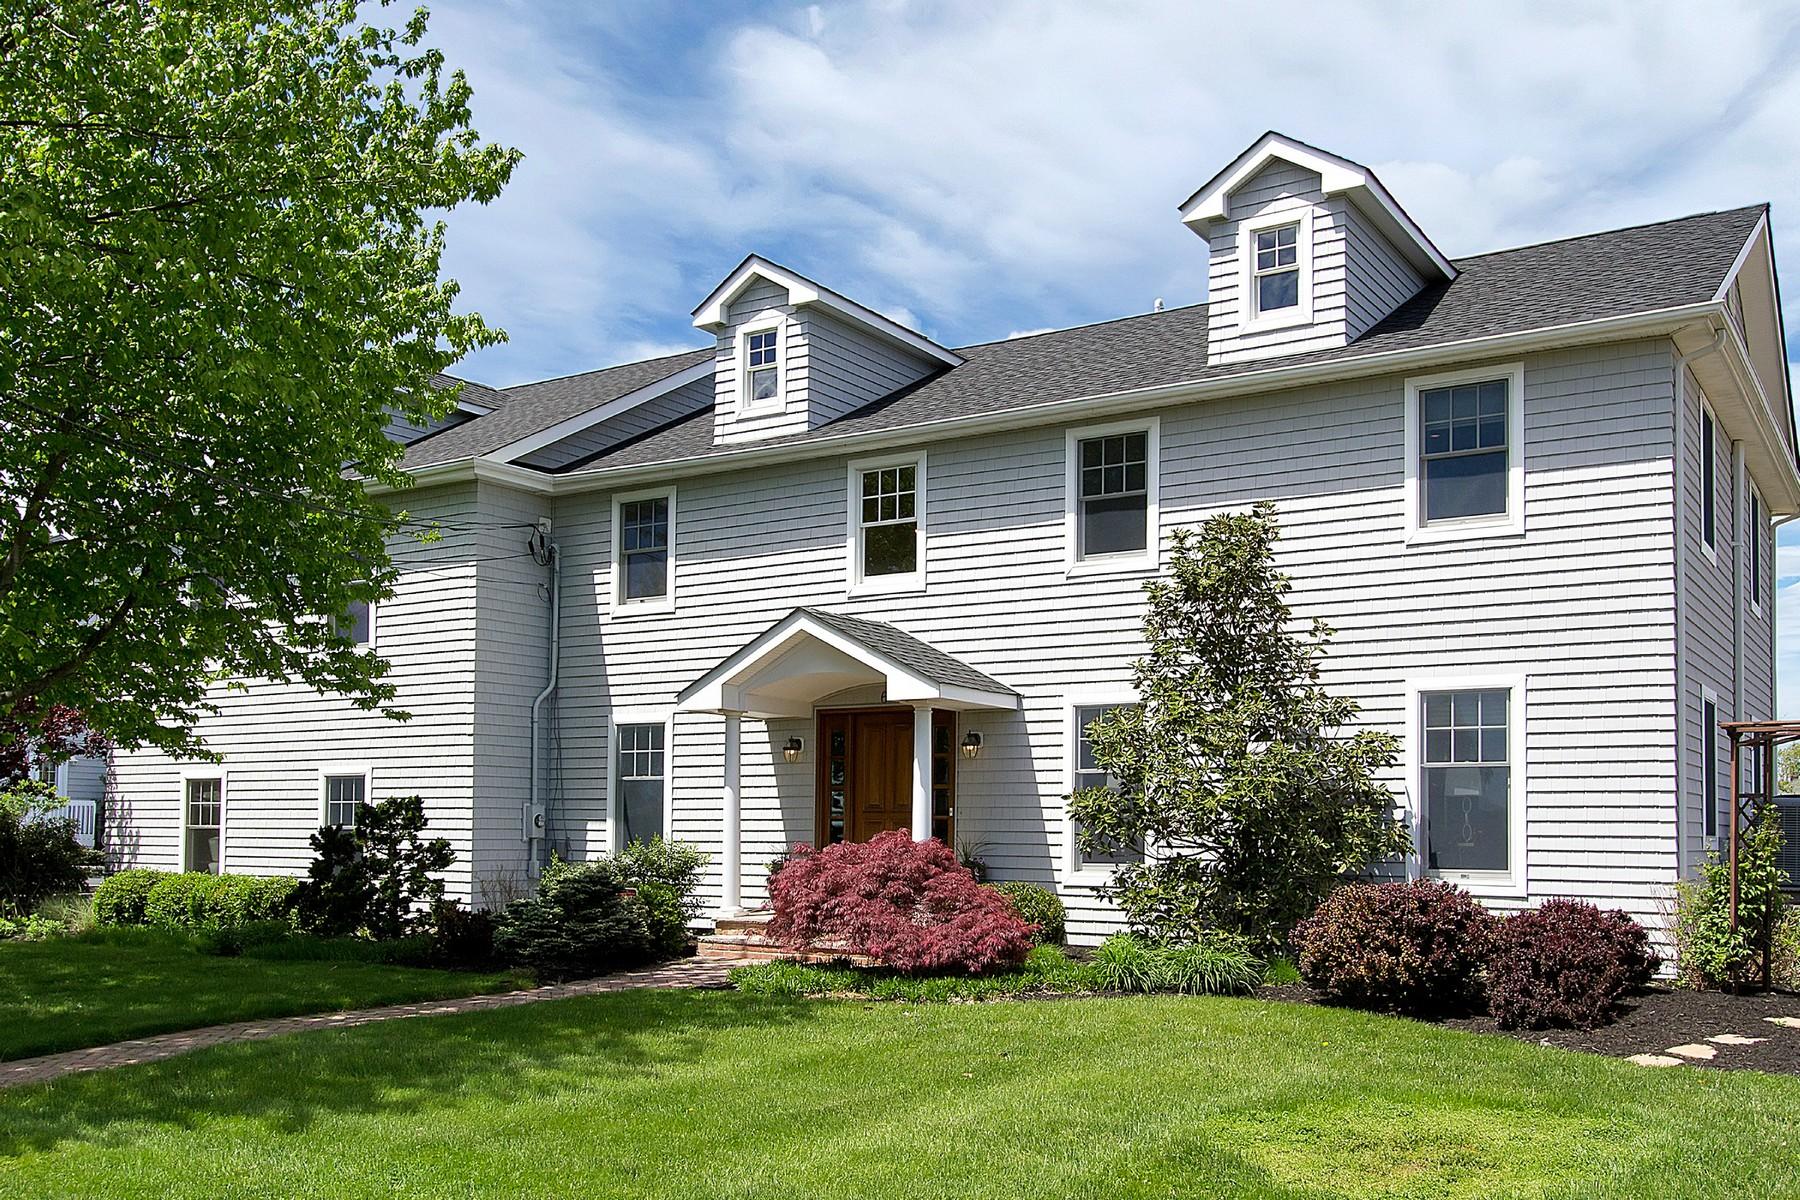 Maison unifamiliale pour l Vente à Elegant Center Hall Colonial 6 Harbour Way Monmouth Beach, New Jersey, 07750 États-Unis